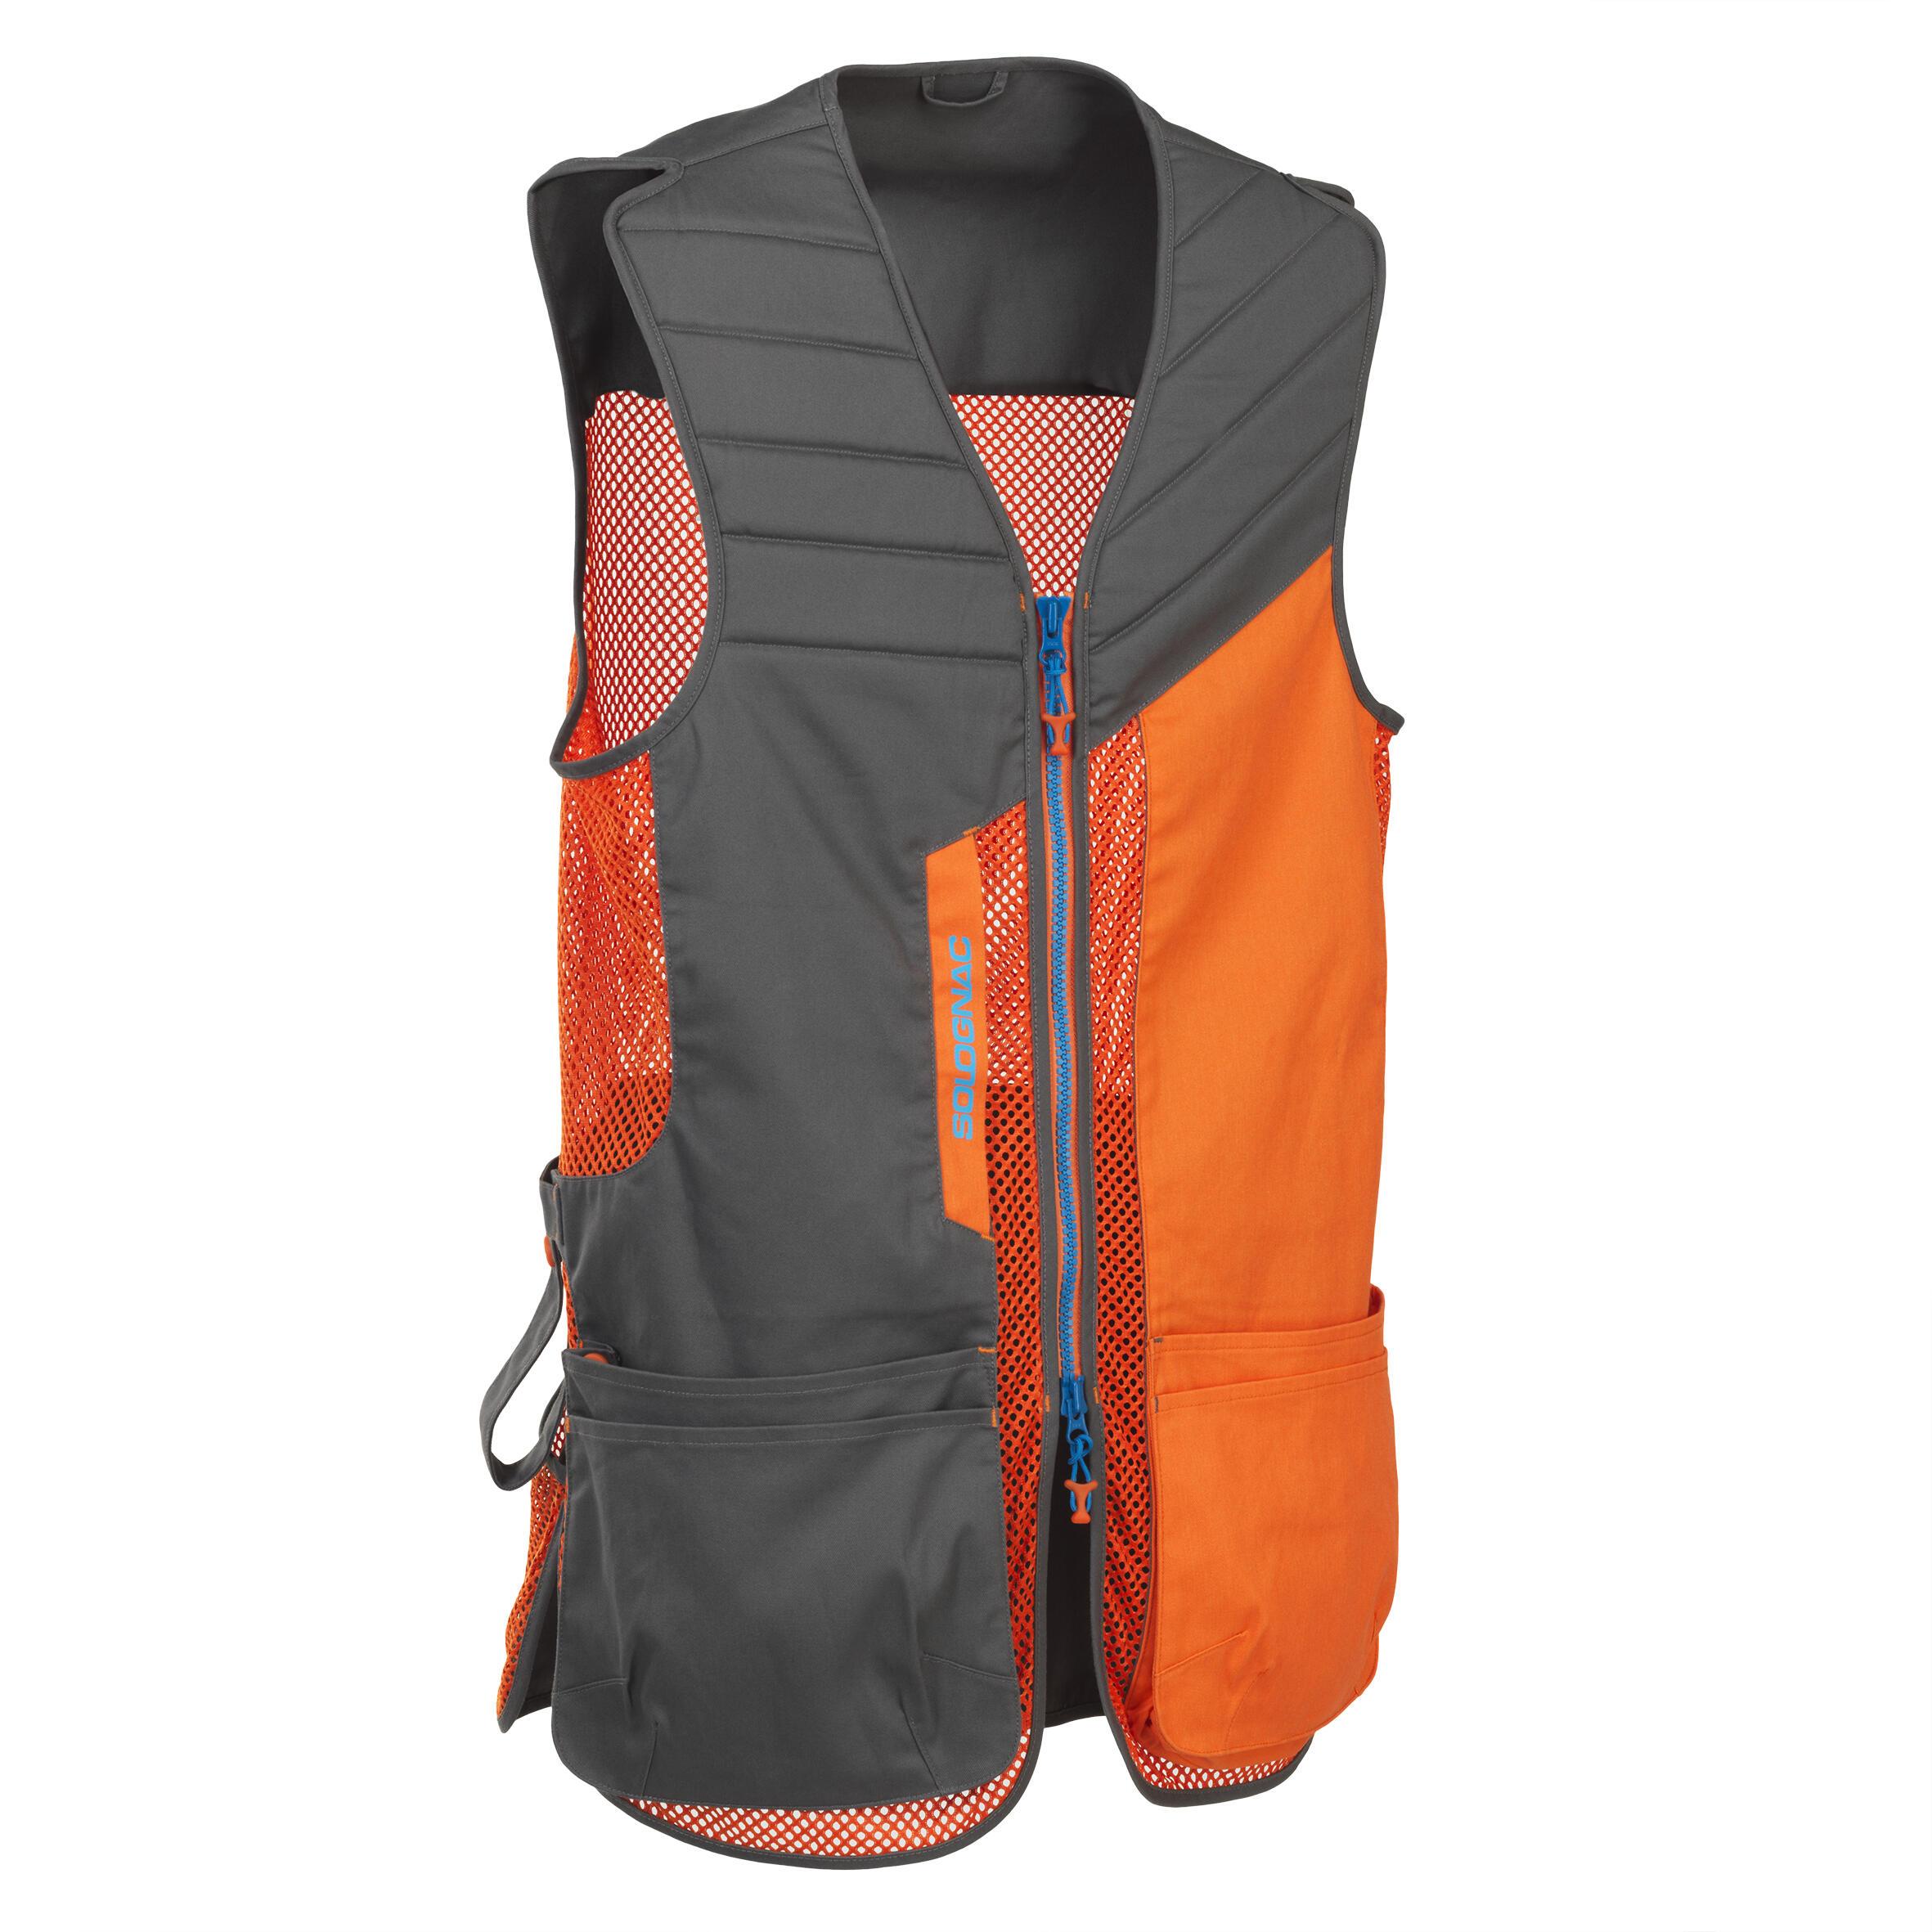 Jagdweste 500 Wurfscheibenschießen orange | Sportbekleidung > Sportwesten > Jagdwesten | Grau - Orange | Solognac